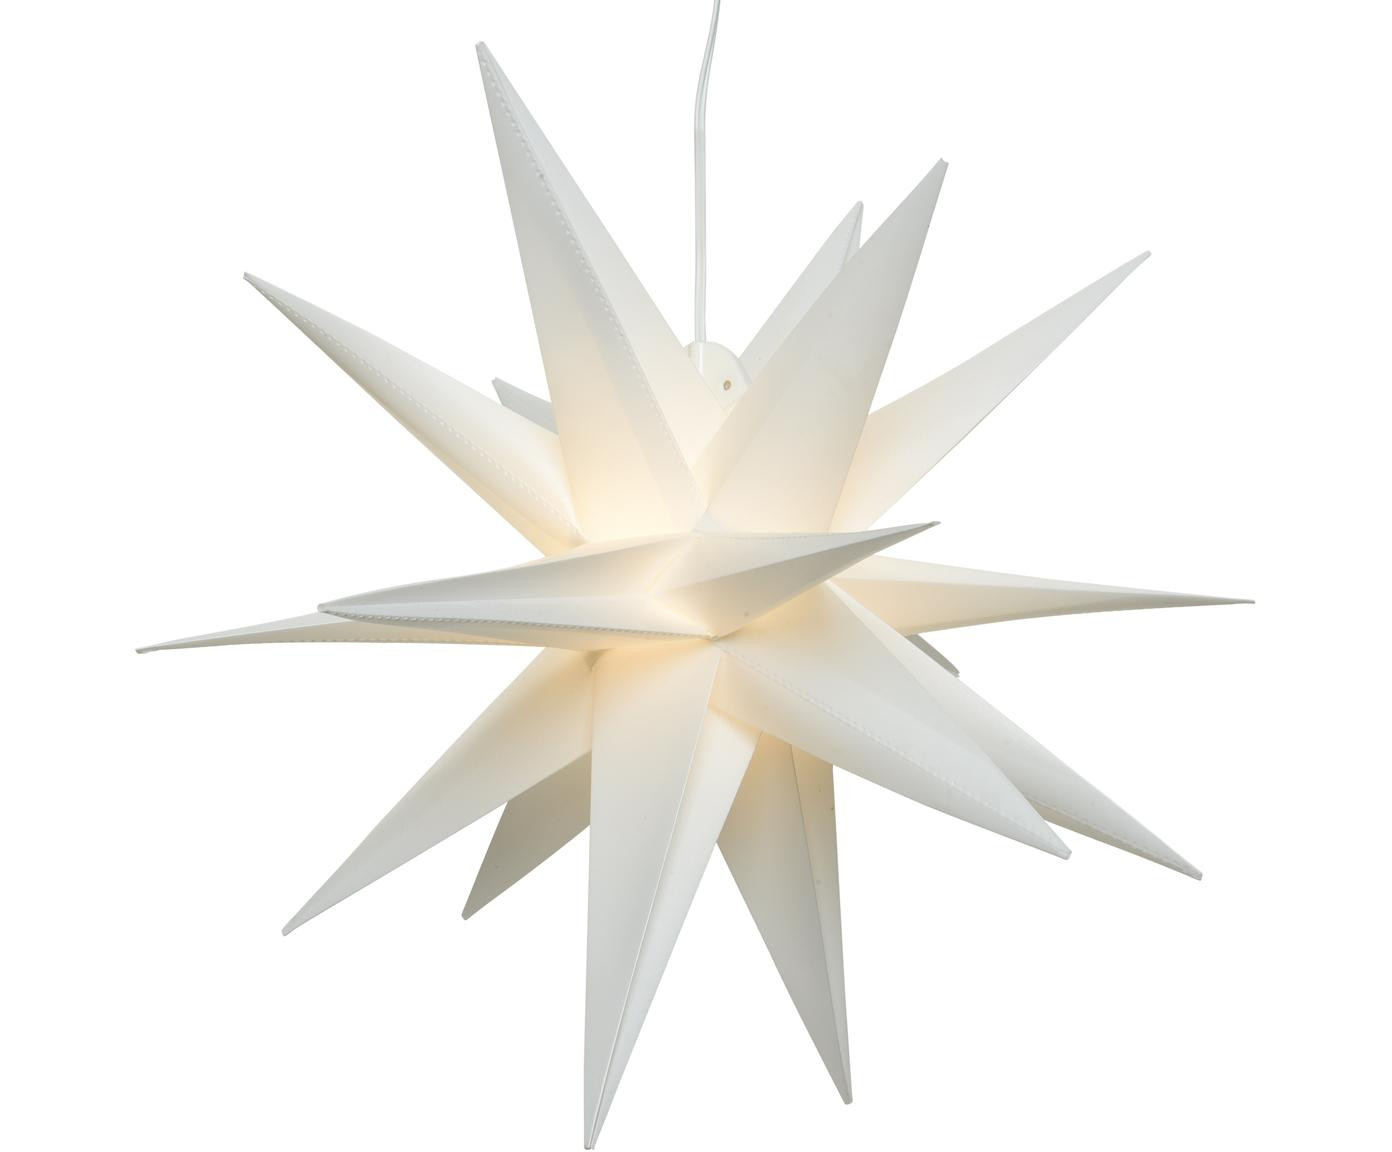 Lampa w kształcie gwiazdy LED zasilana na baterie Zing, Biały, Ø 30 cm